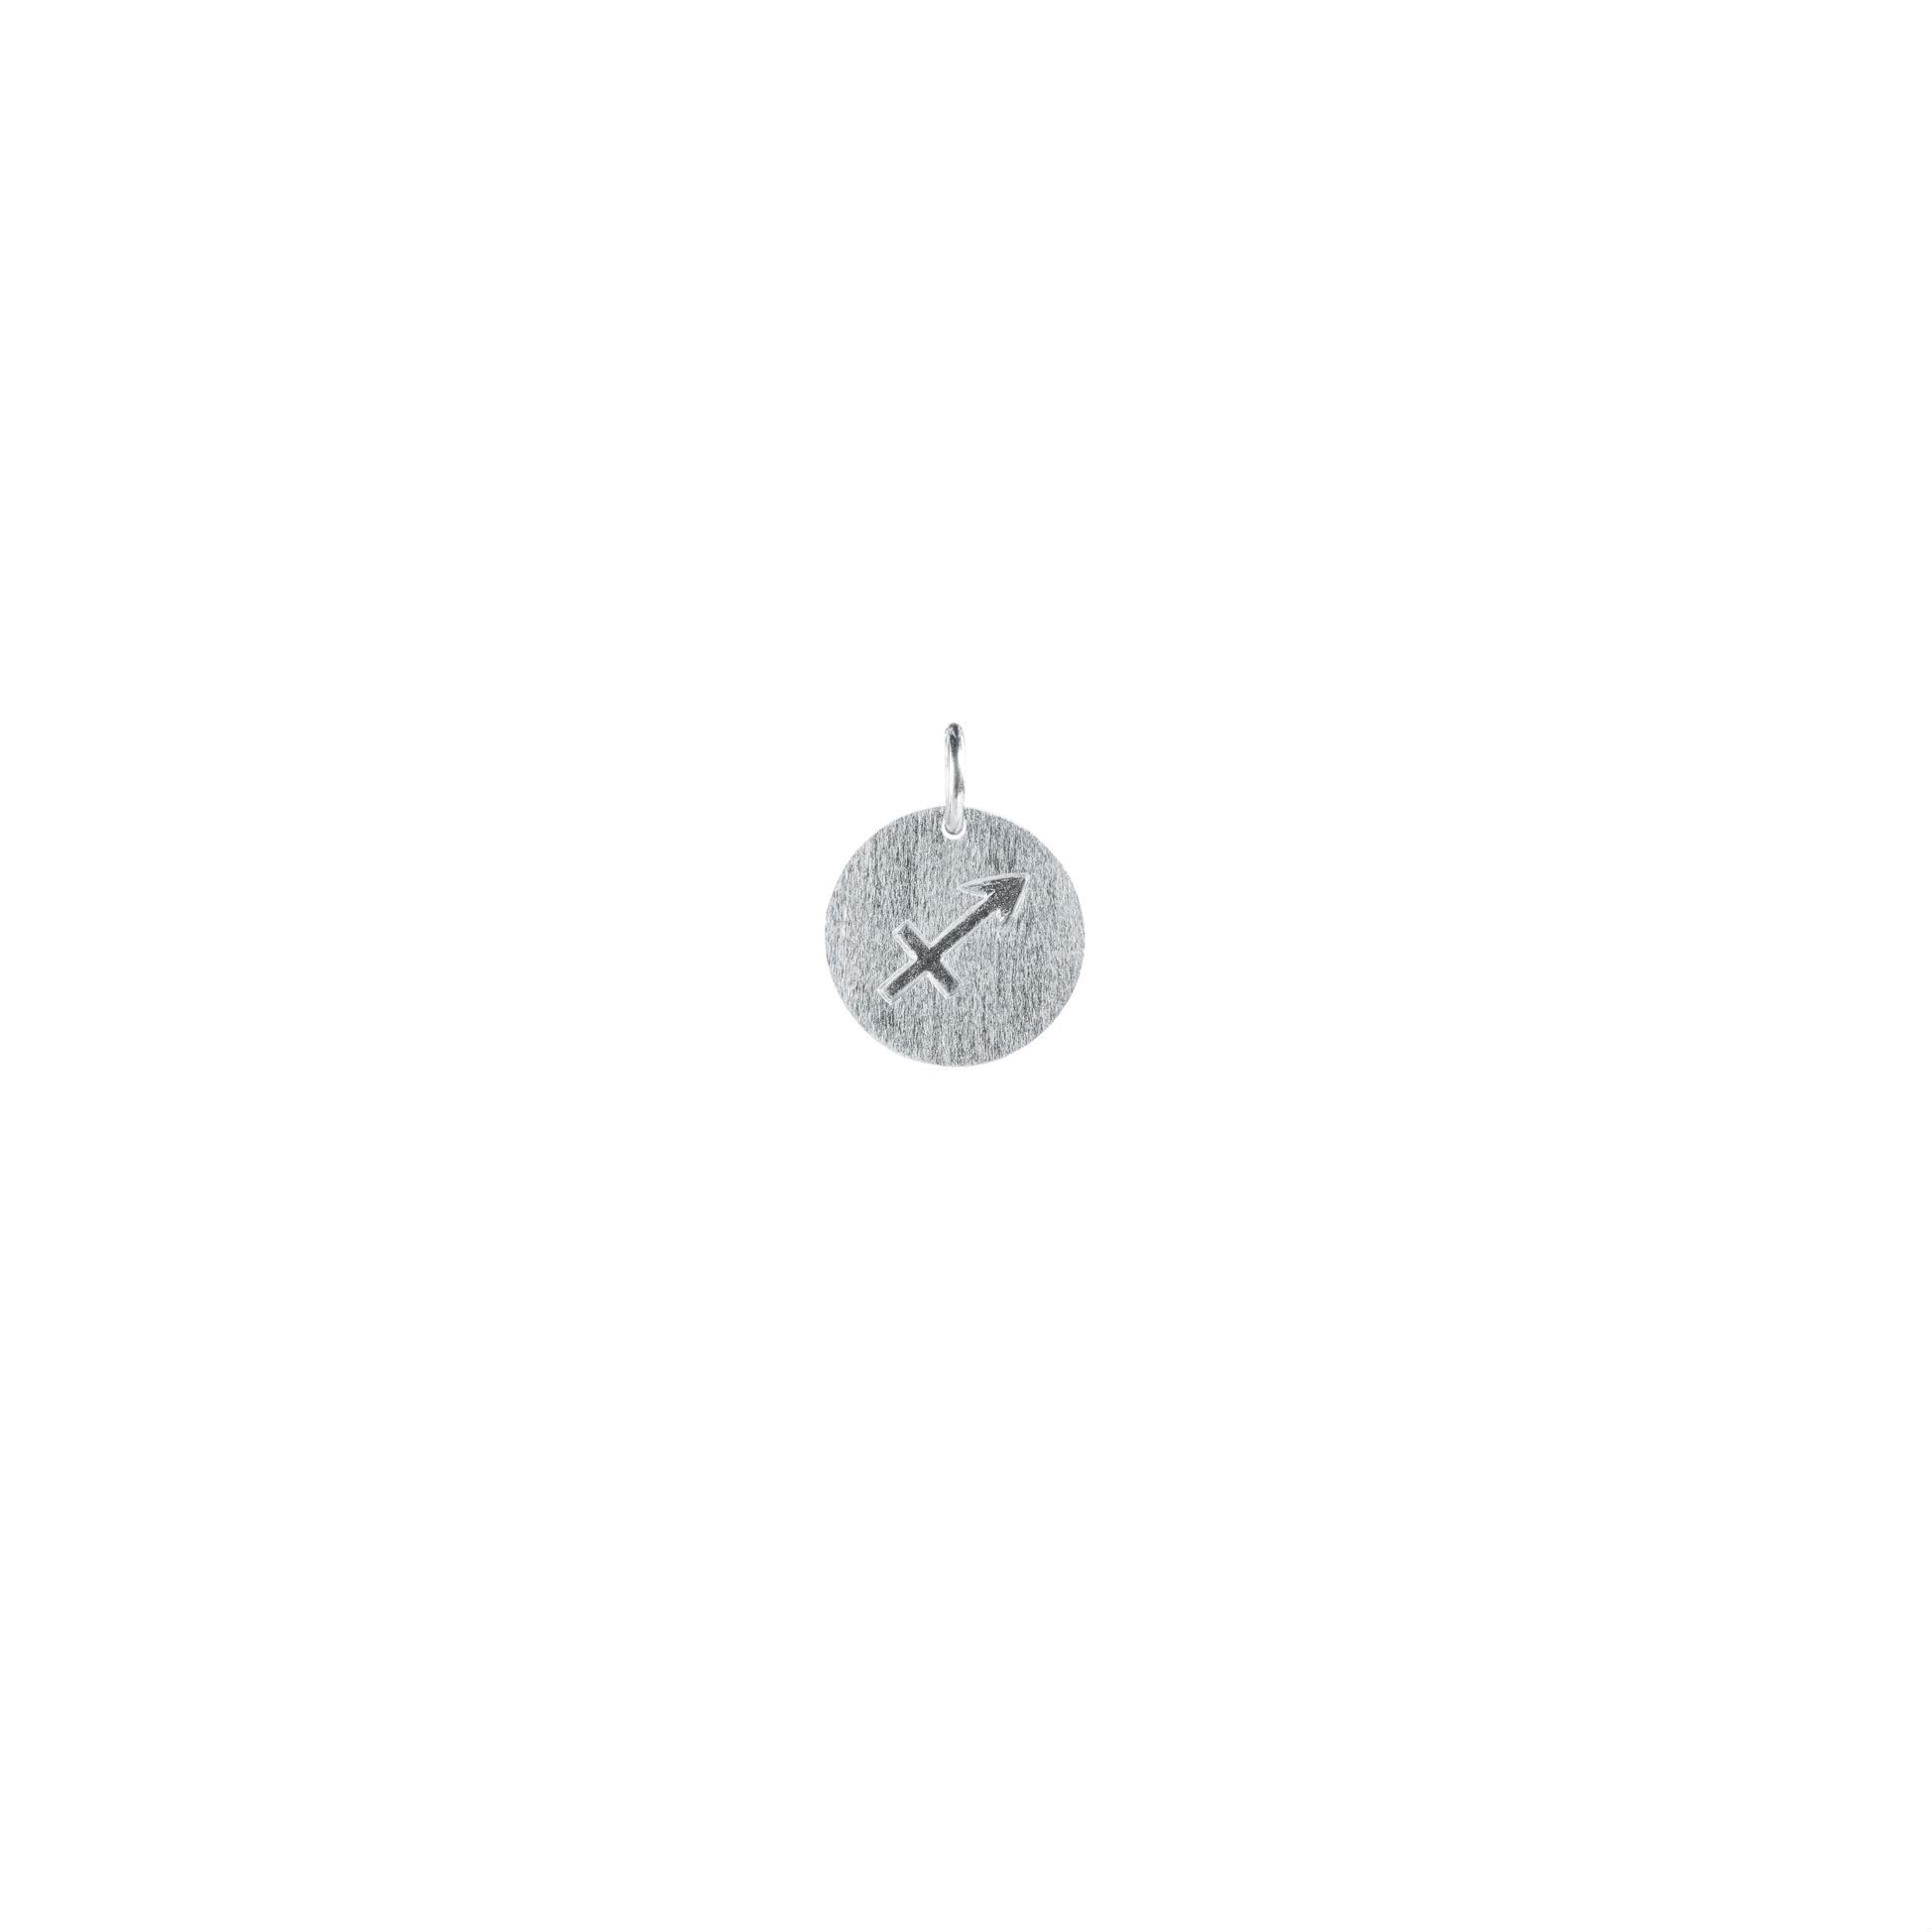 https://www.selecteddesigners.dk/media/catalog/product/p/-/p-909-s_1.jpg